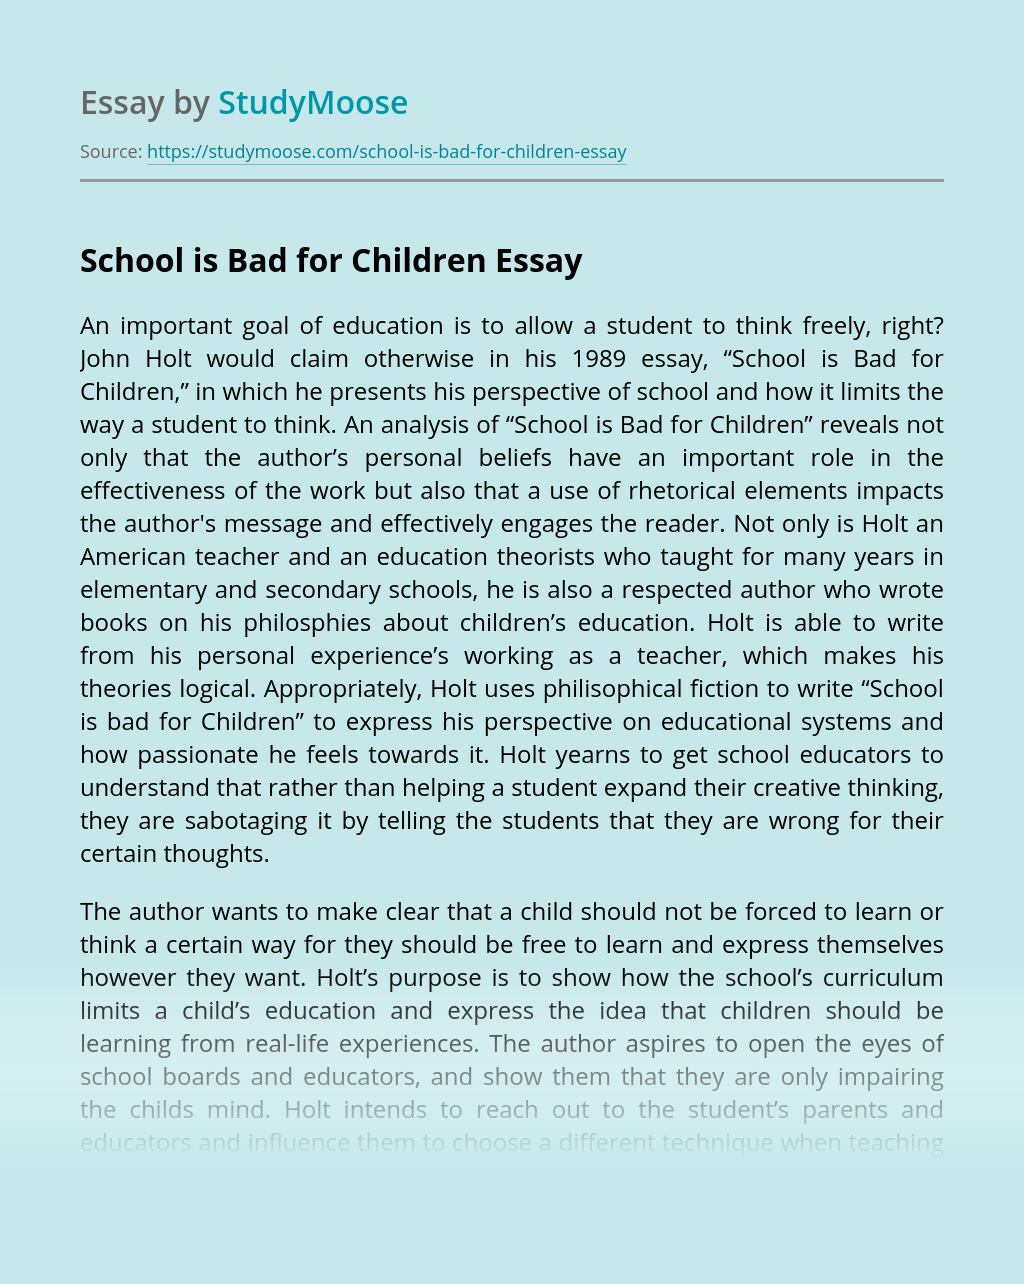 School is Bad for Children